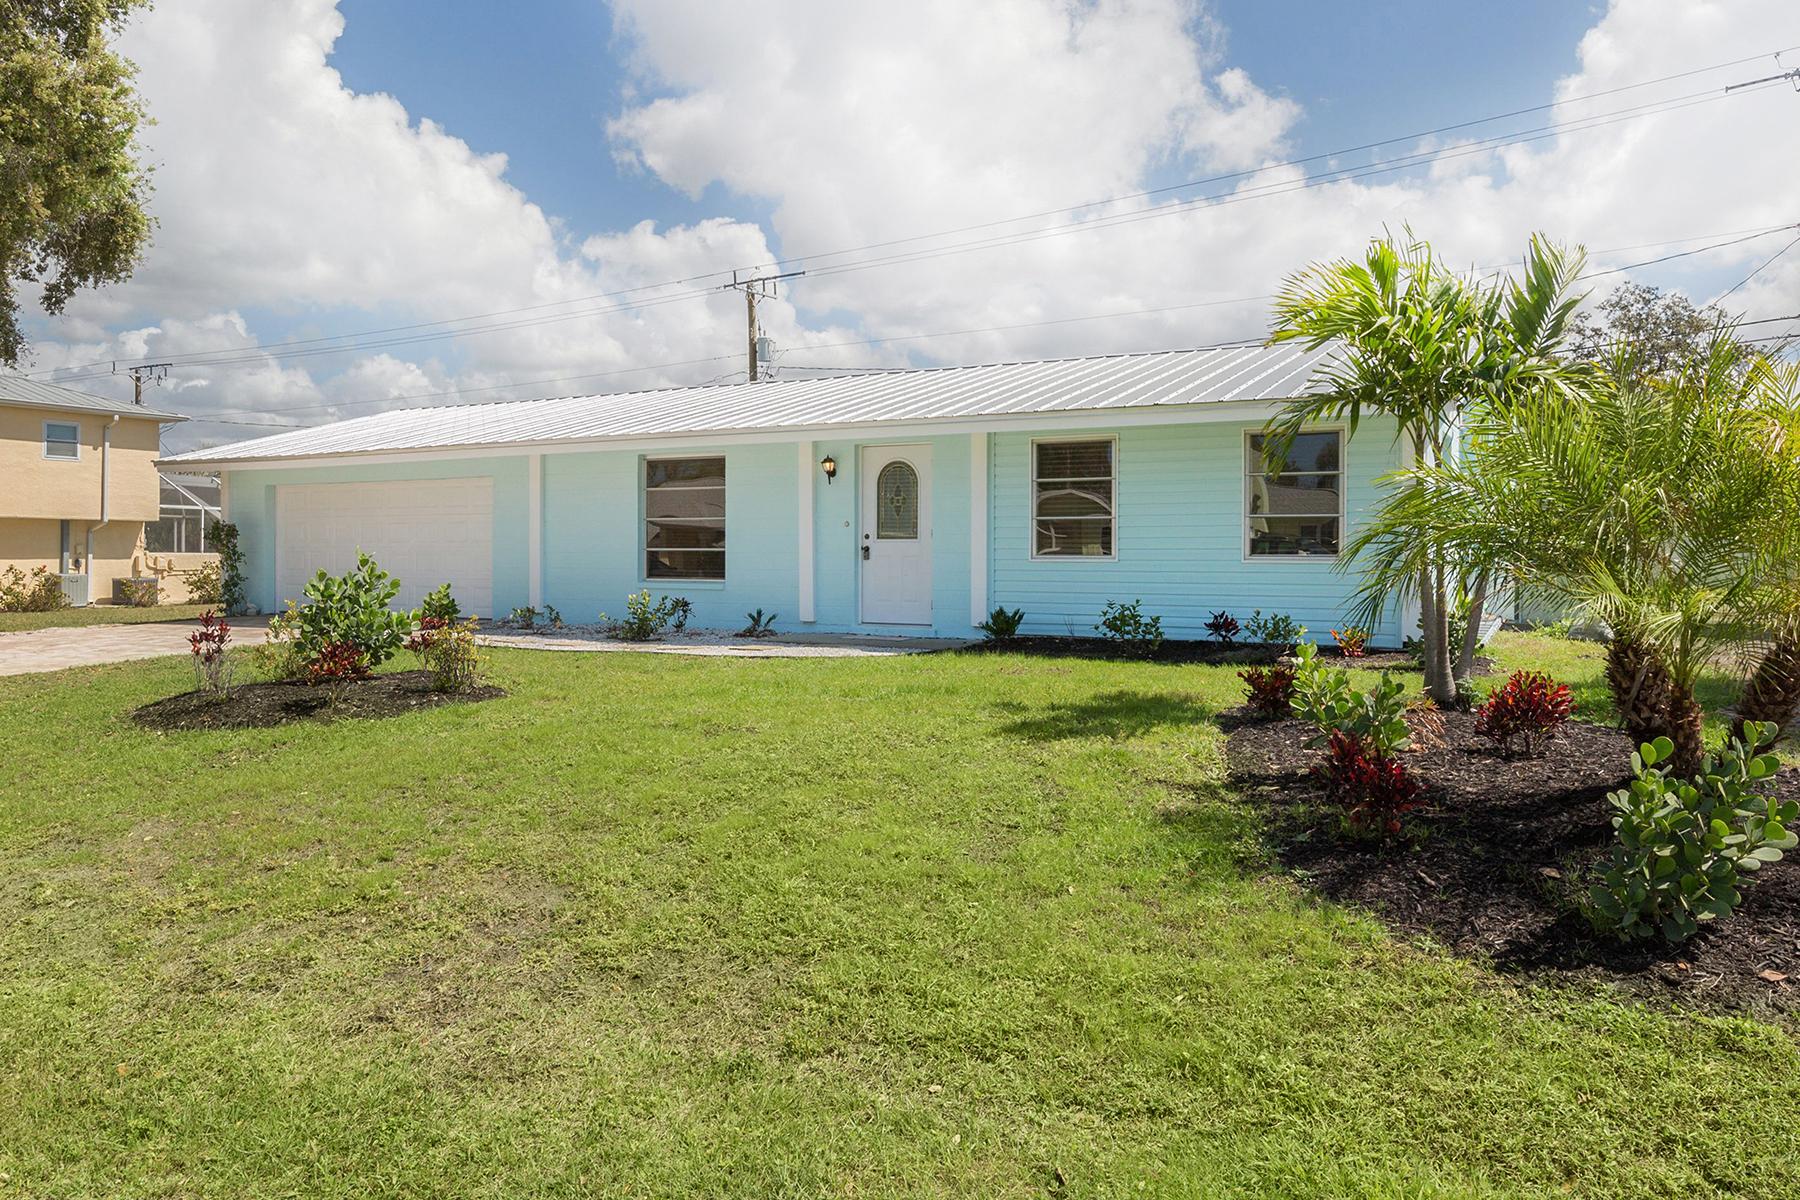 Tek Ailelik Ev için Satış at 623 Ravenna St , Venice, FL 34285 623 Ravenna St Venice, Florida, 34285 Amerika Birleşik Devletleri